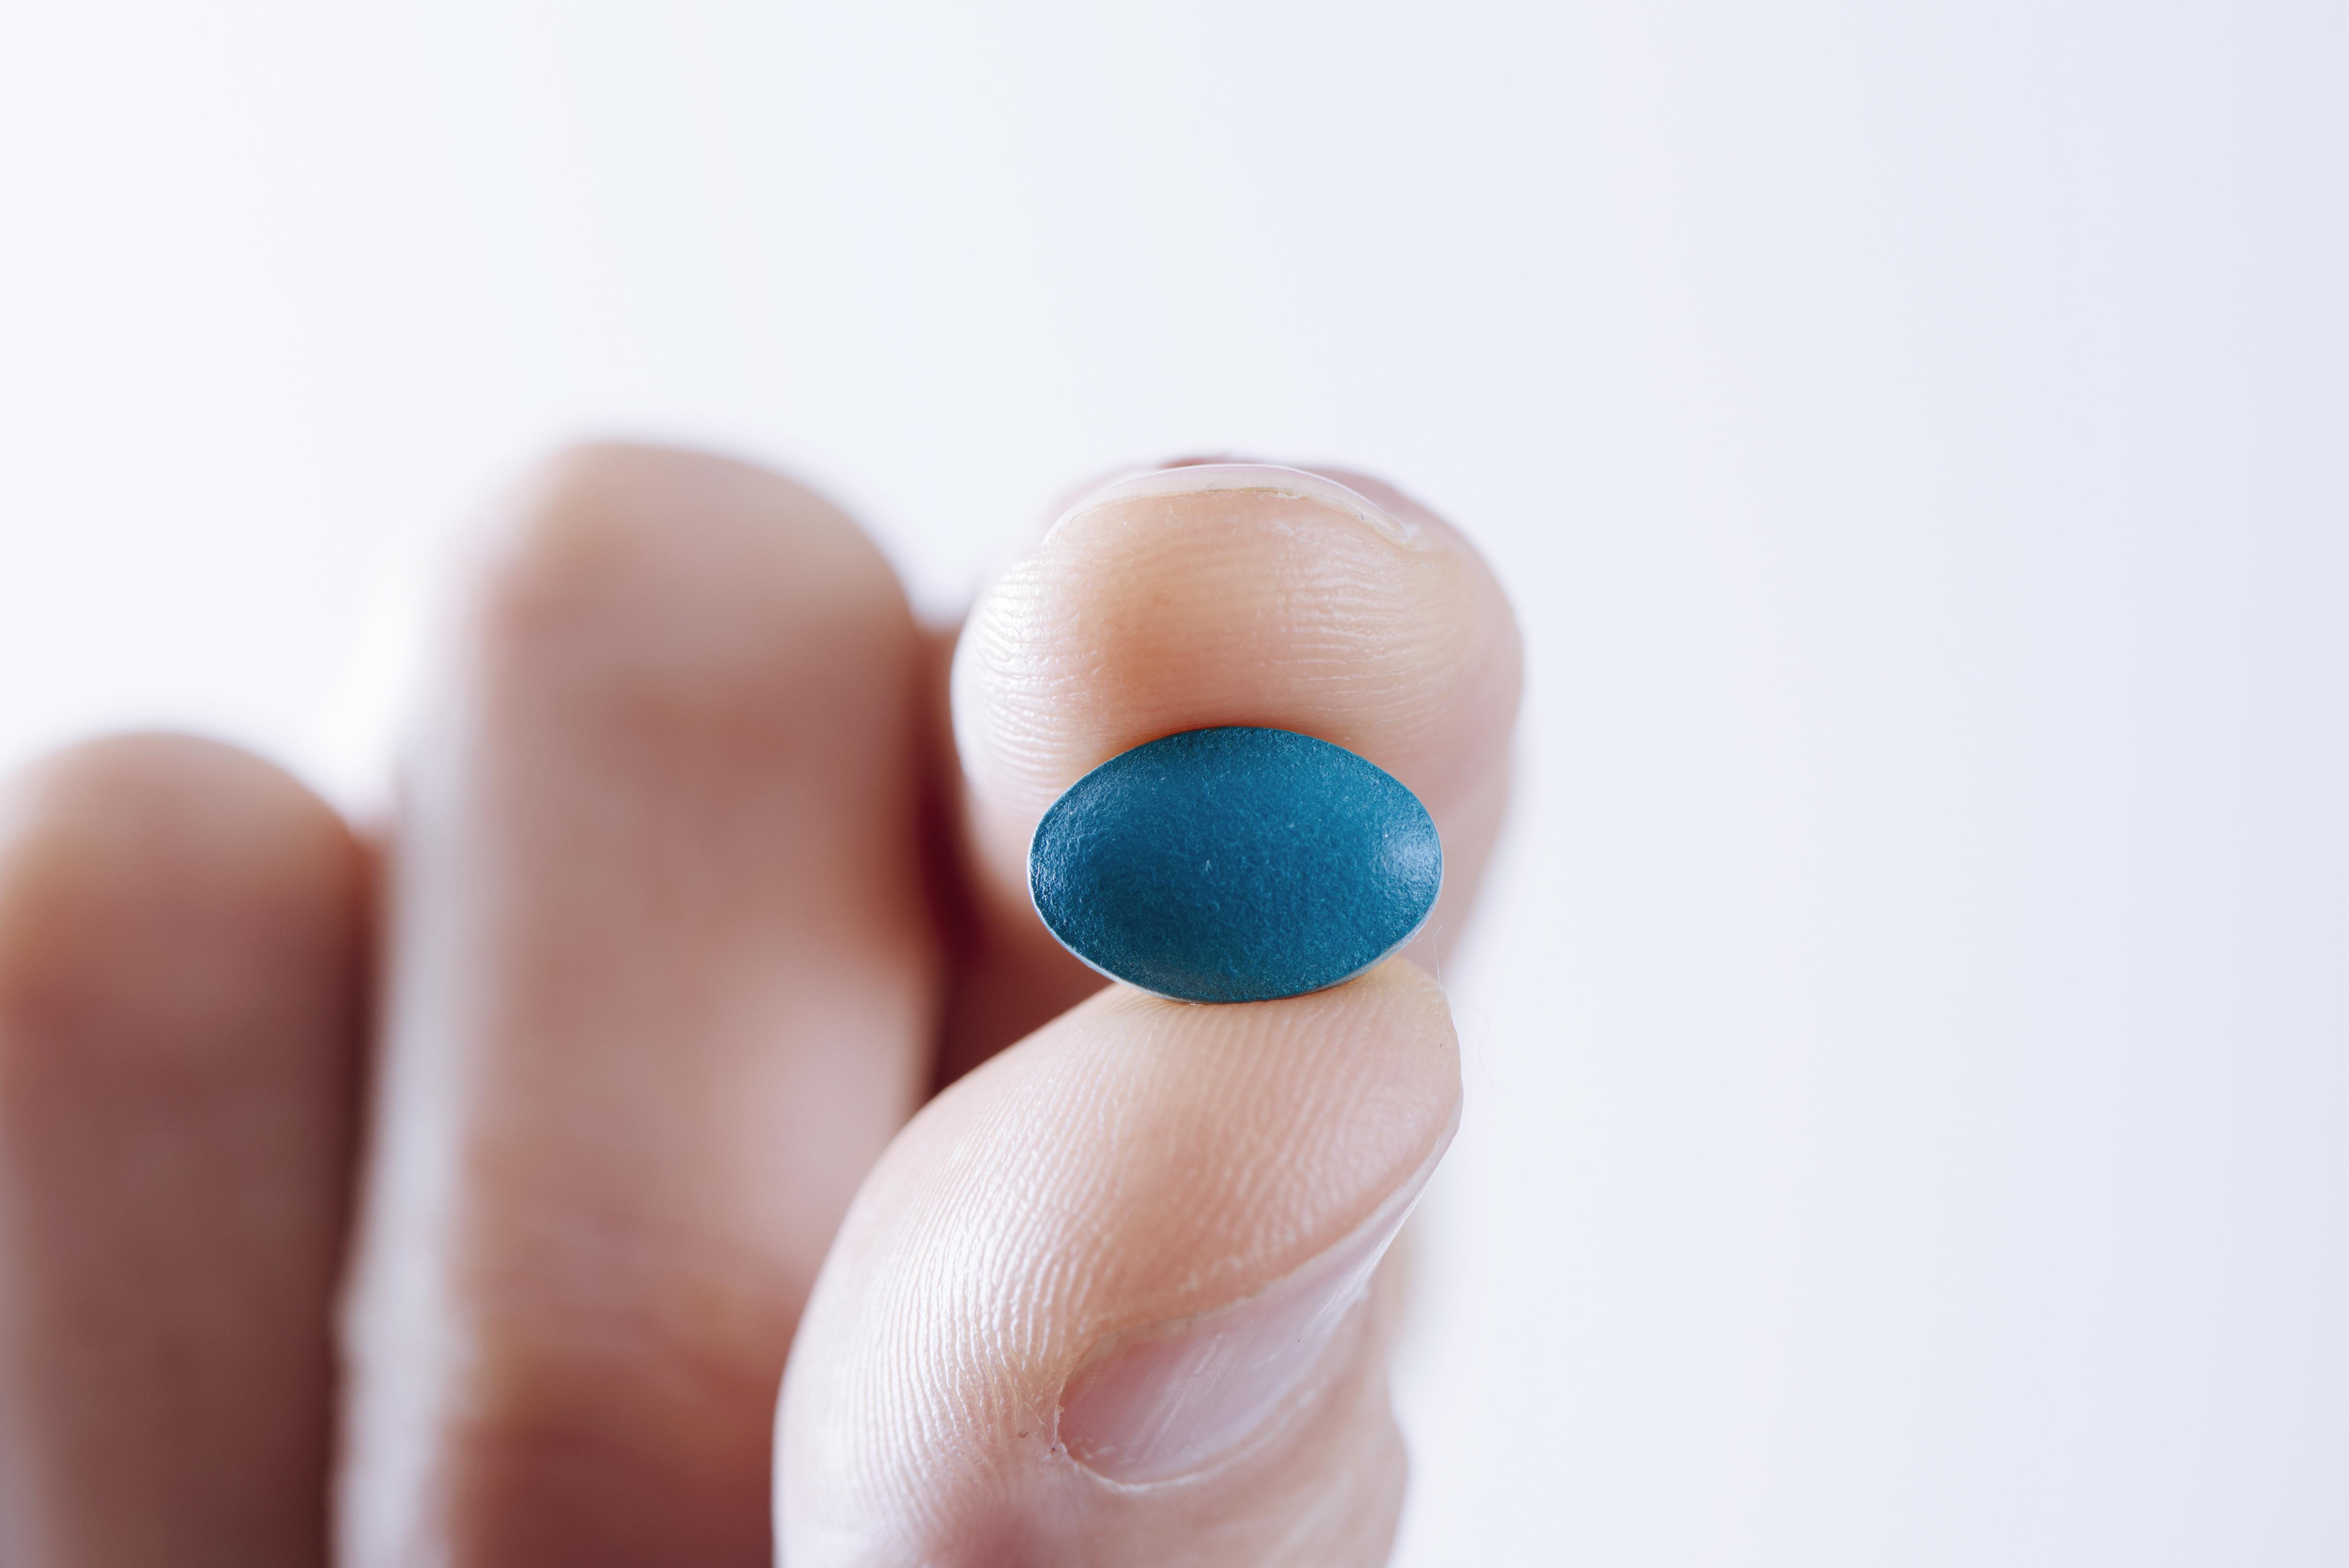 Voir bleu après la petite pilule bleue ?